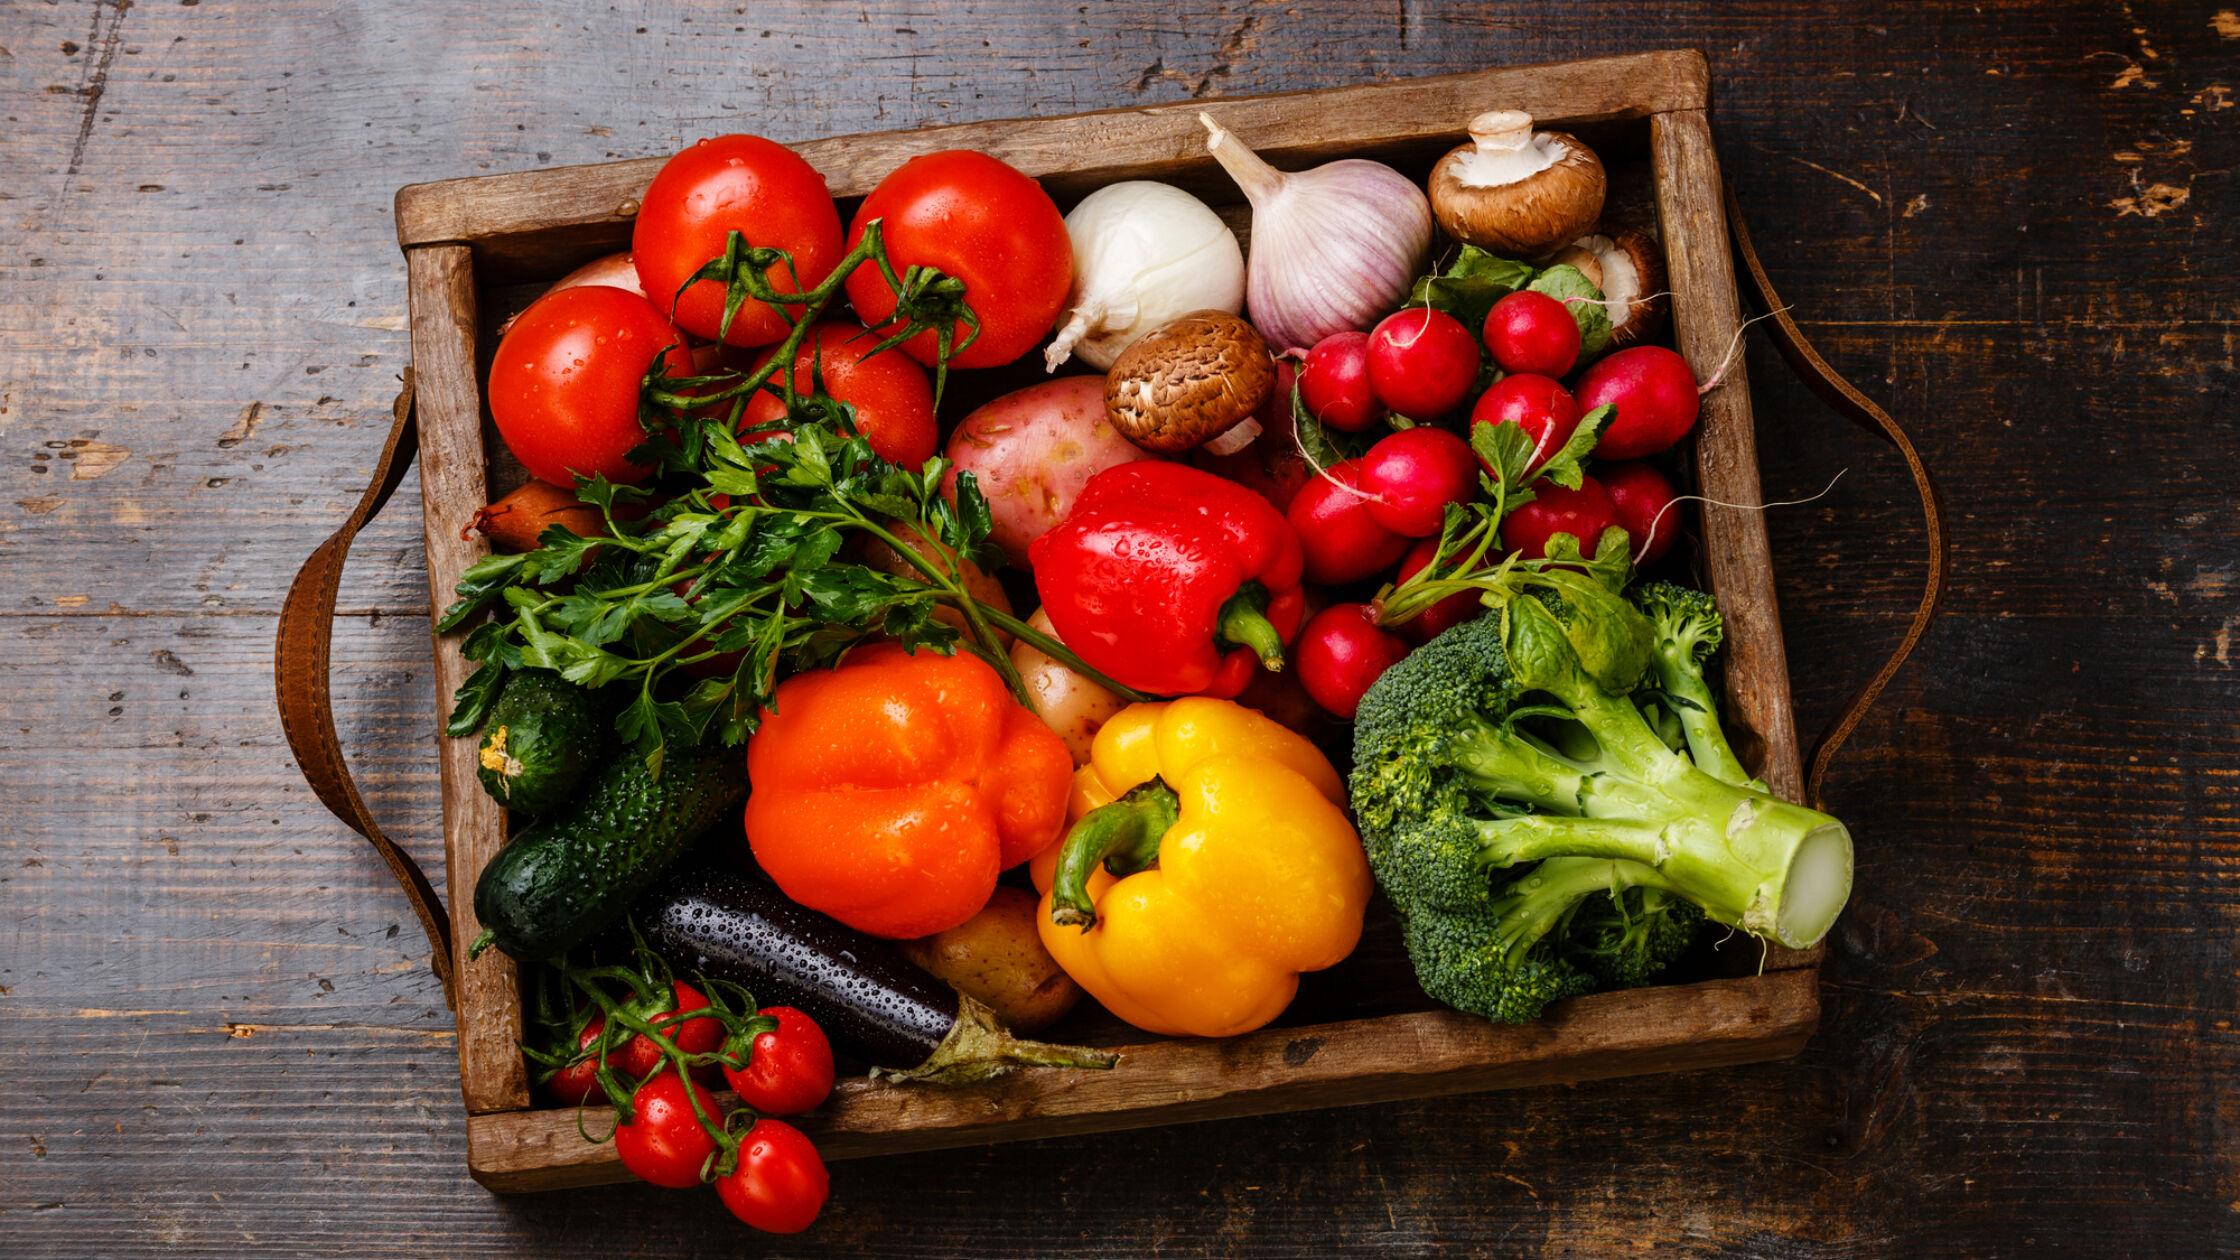 Eet jij voldoende groente per dag?